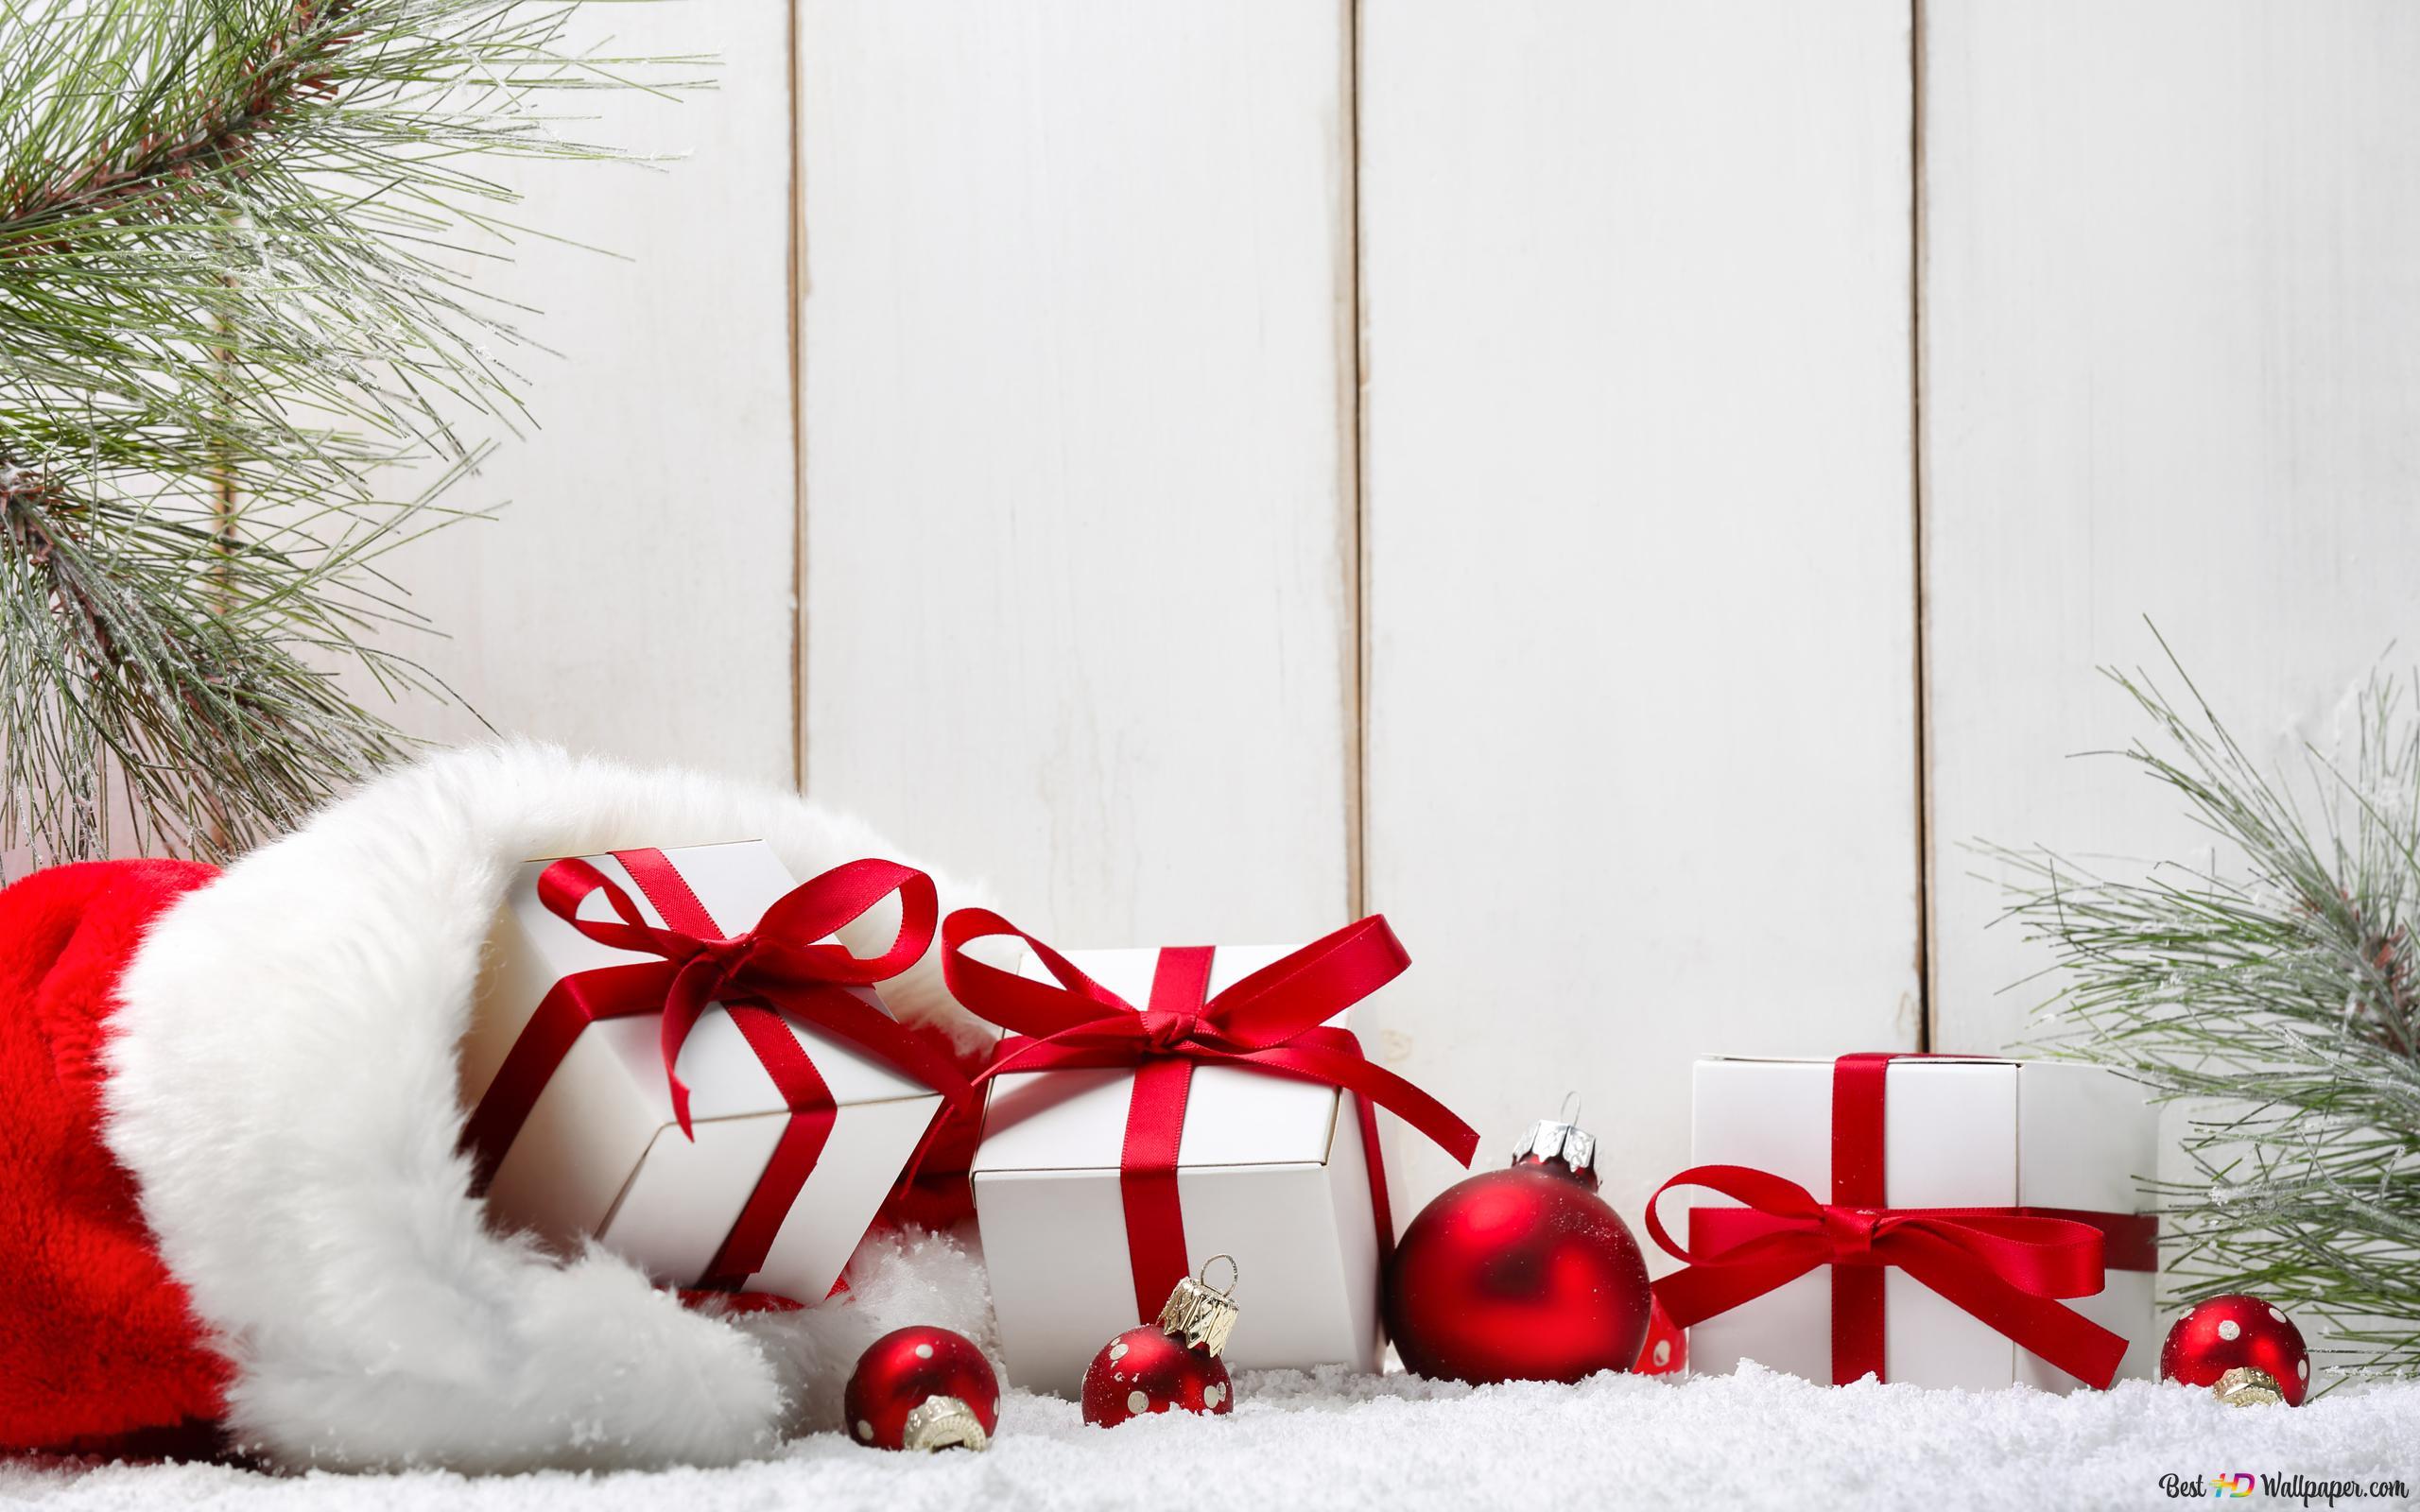 Weihnachtsgeschenke in roten Sack HD Hintergrundbilder herunterladen